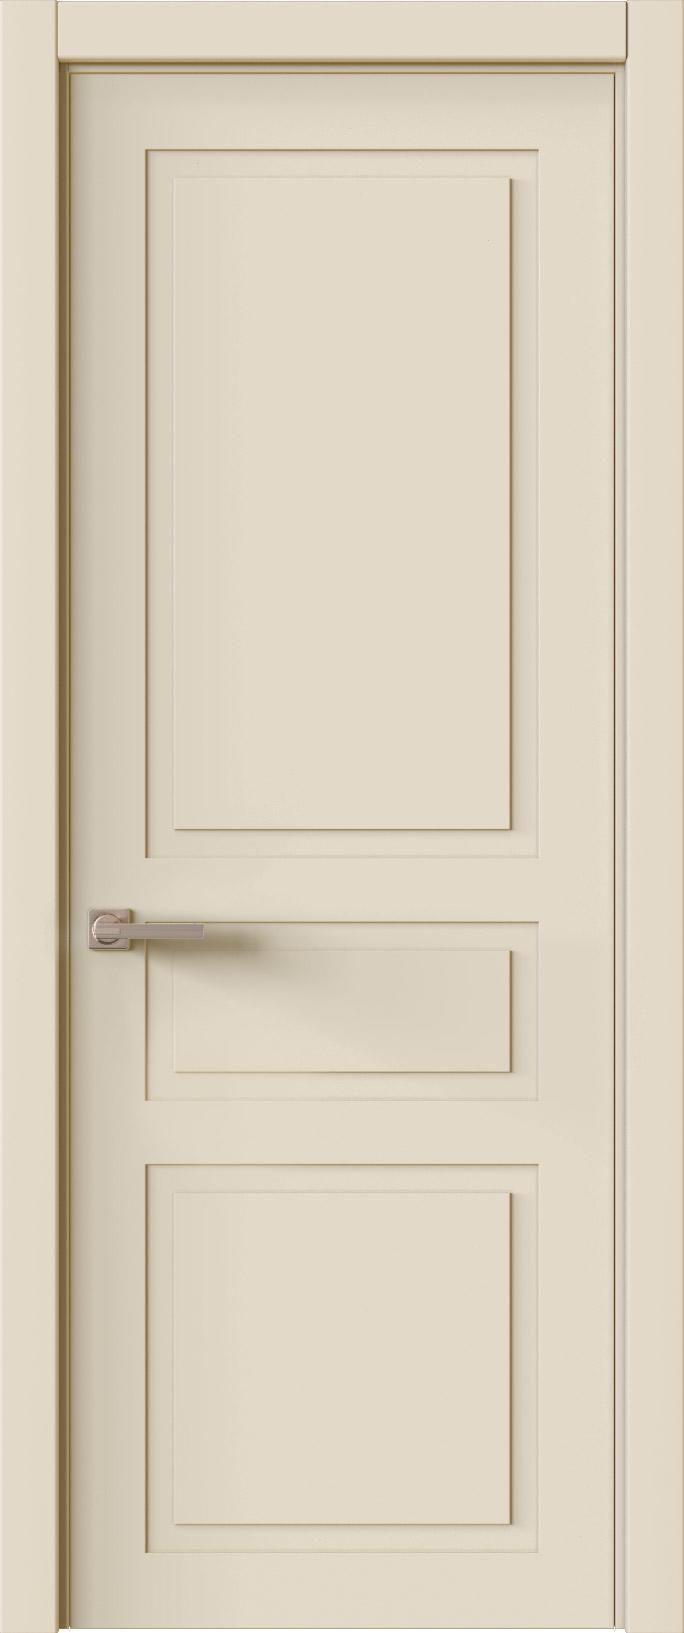 Tivoli И-5 цвет - Жемчужная эмаль (RAL 1013) Без стекла (ДГ)